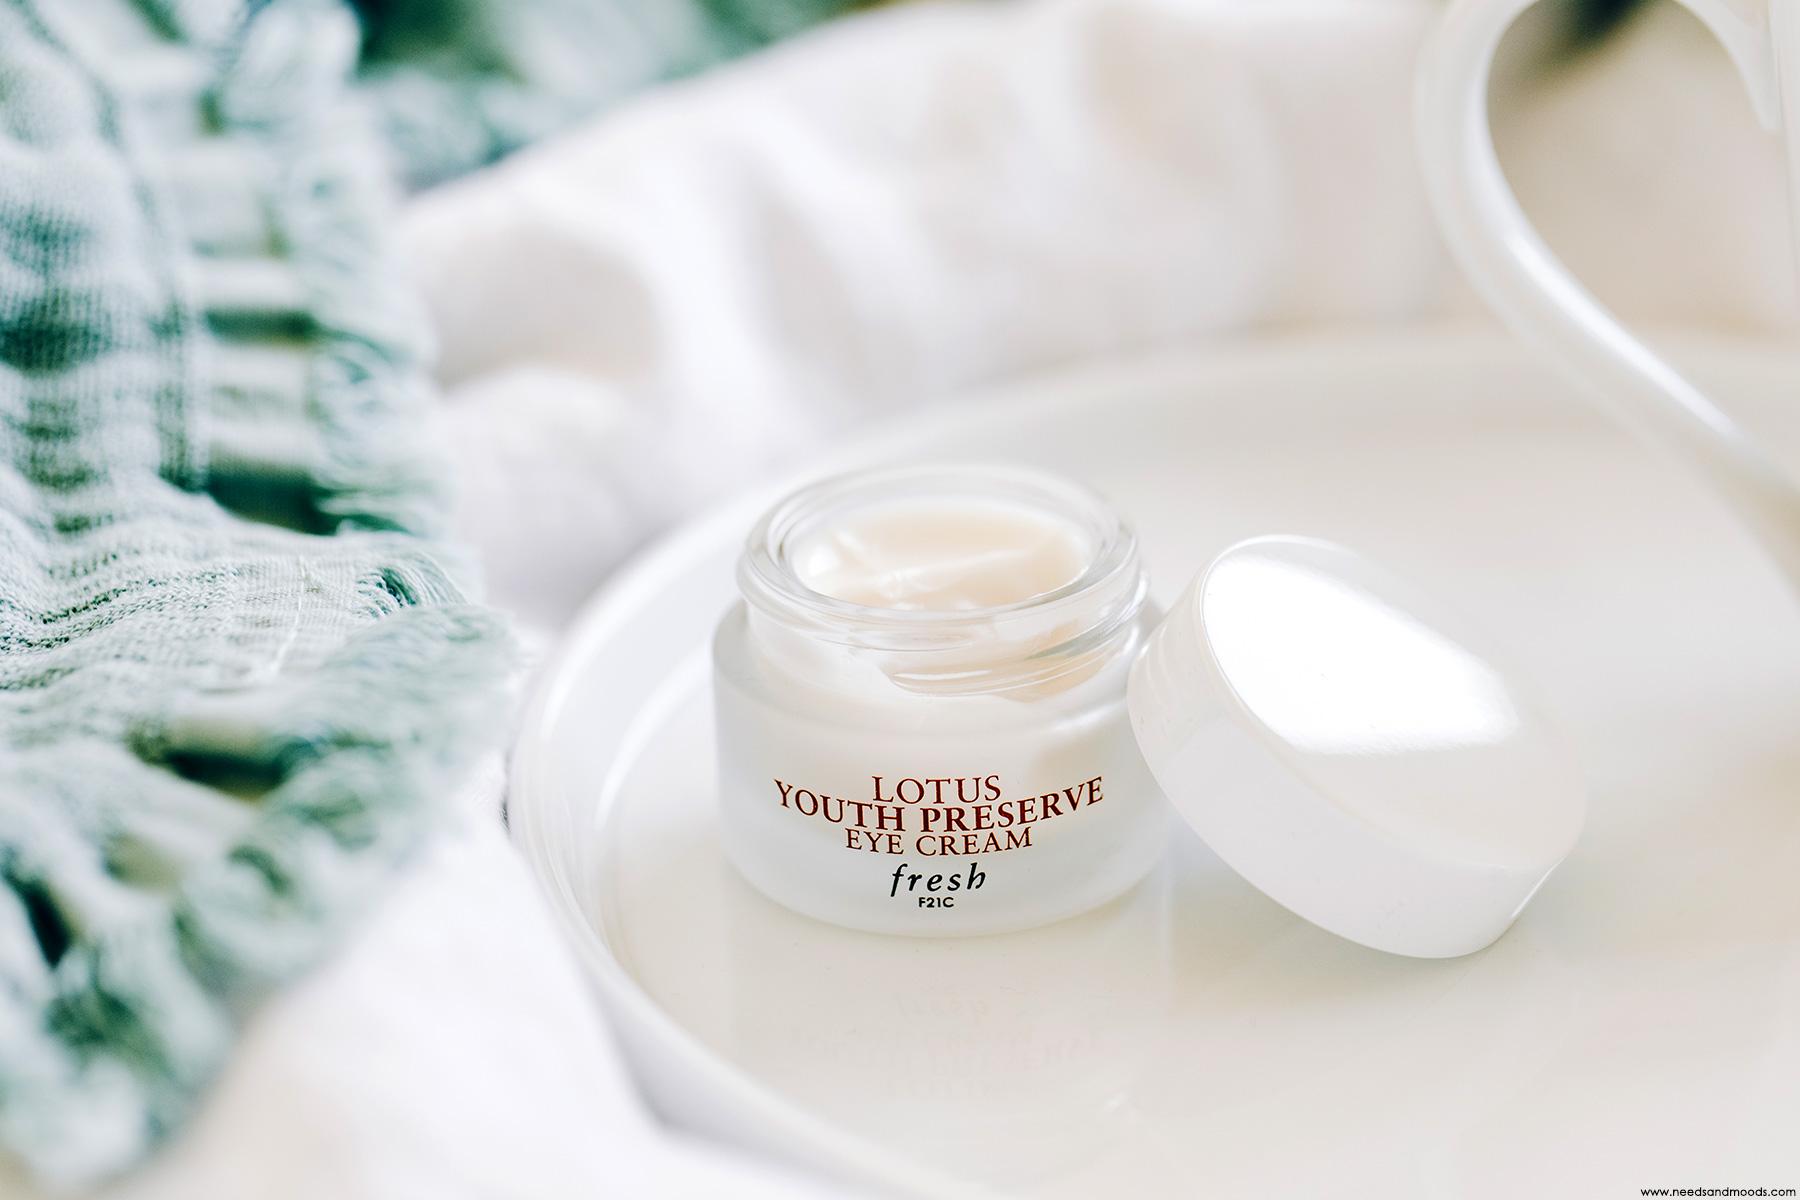 fresh lotus eye cream